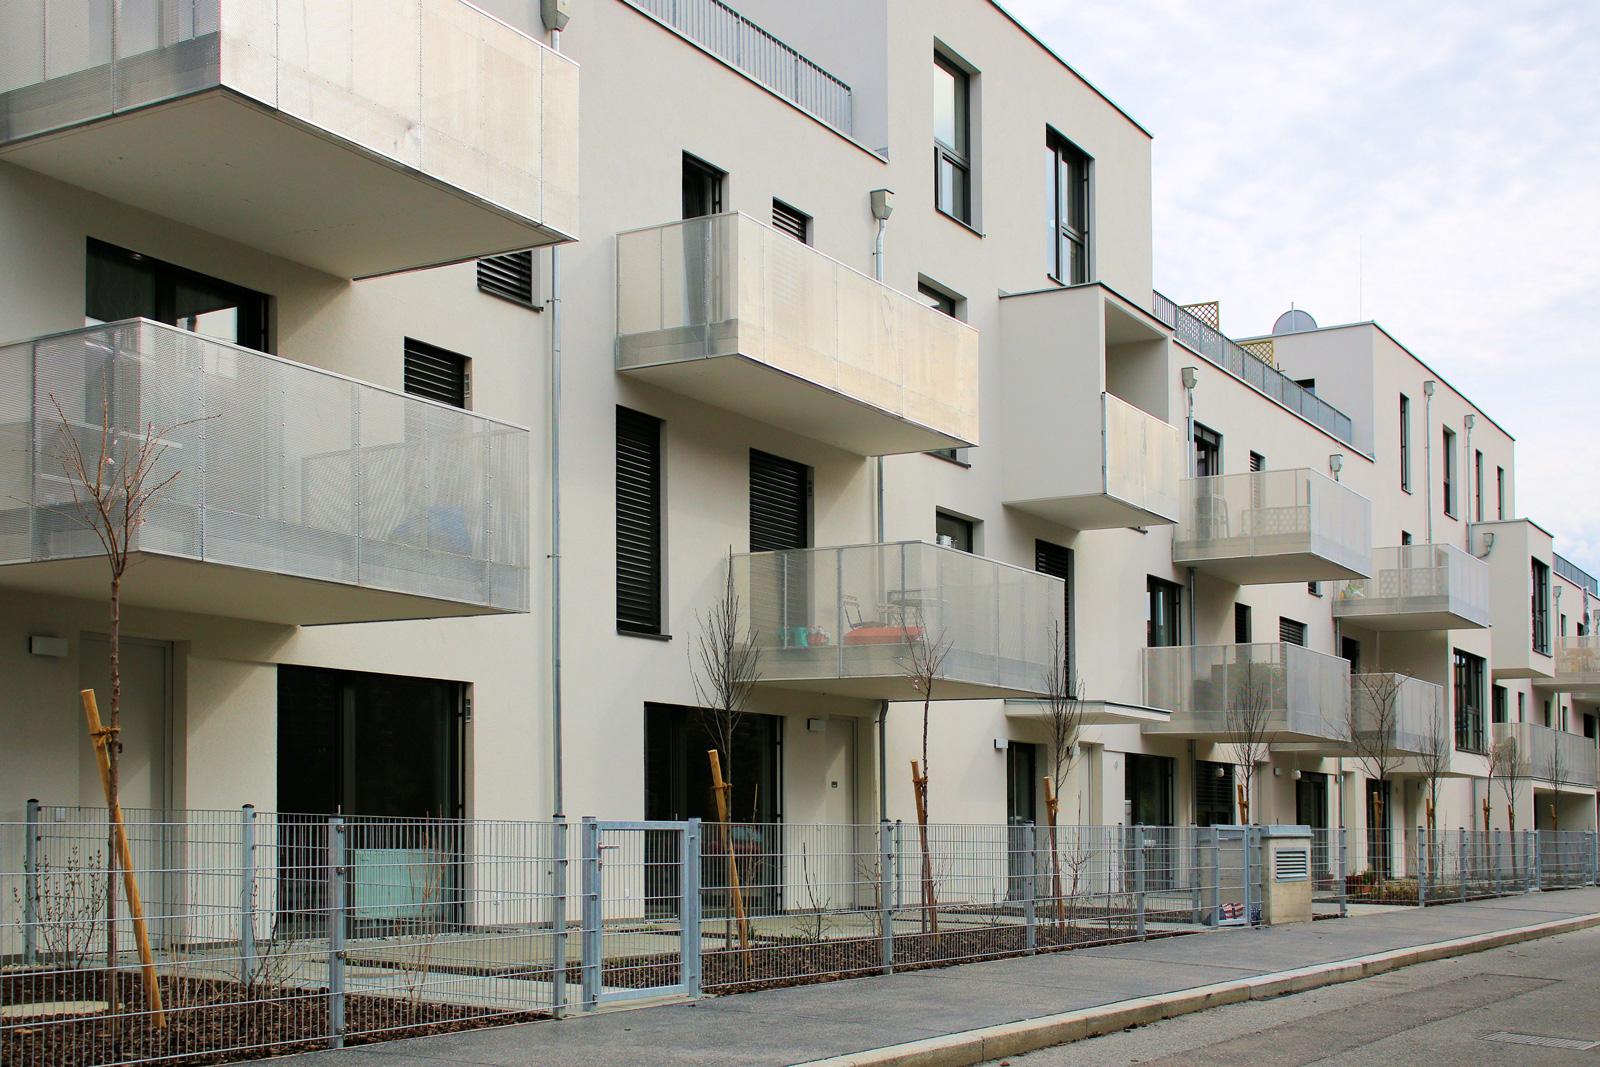 Im 21. Wiener Bezirk entstanden Wohngemeinschaften für jeweils zwei Ein-Eltern-Familien.